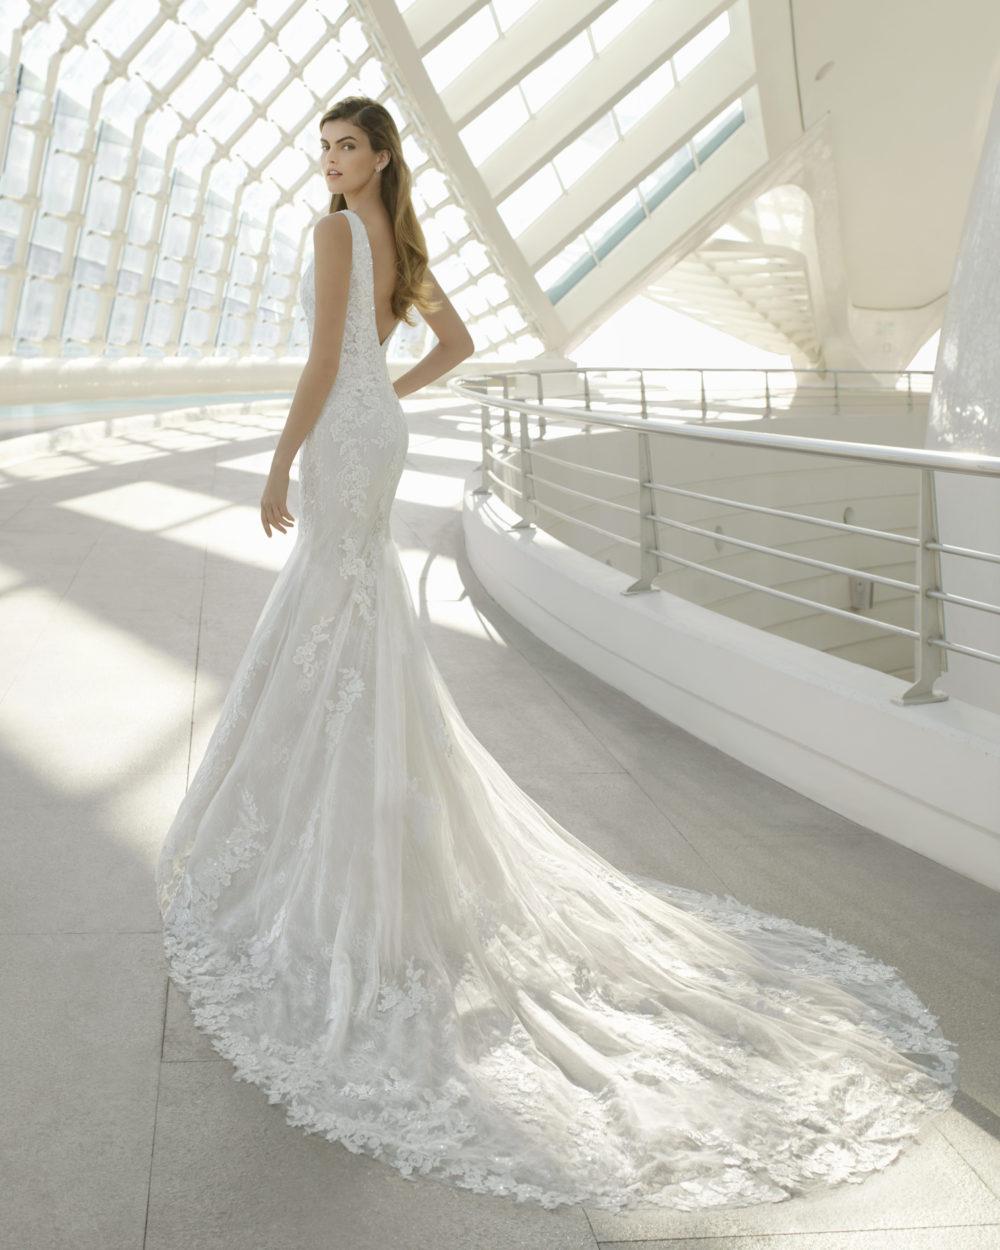 Mariages: abito da sposa Rosa Clarà 2020 a Vicenza, Verona, Padova, Veneto 3A224 DARIO